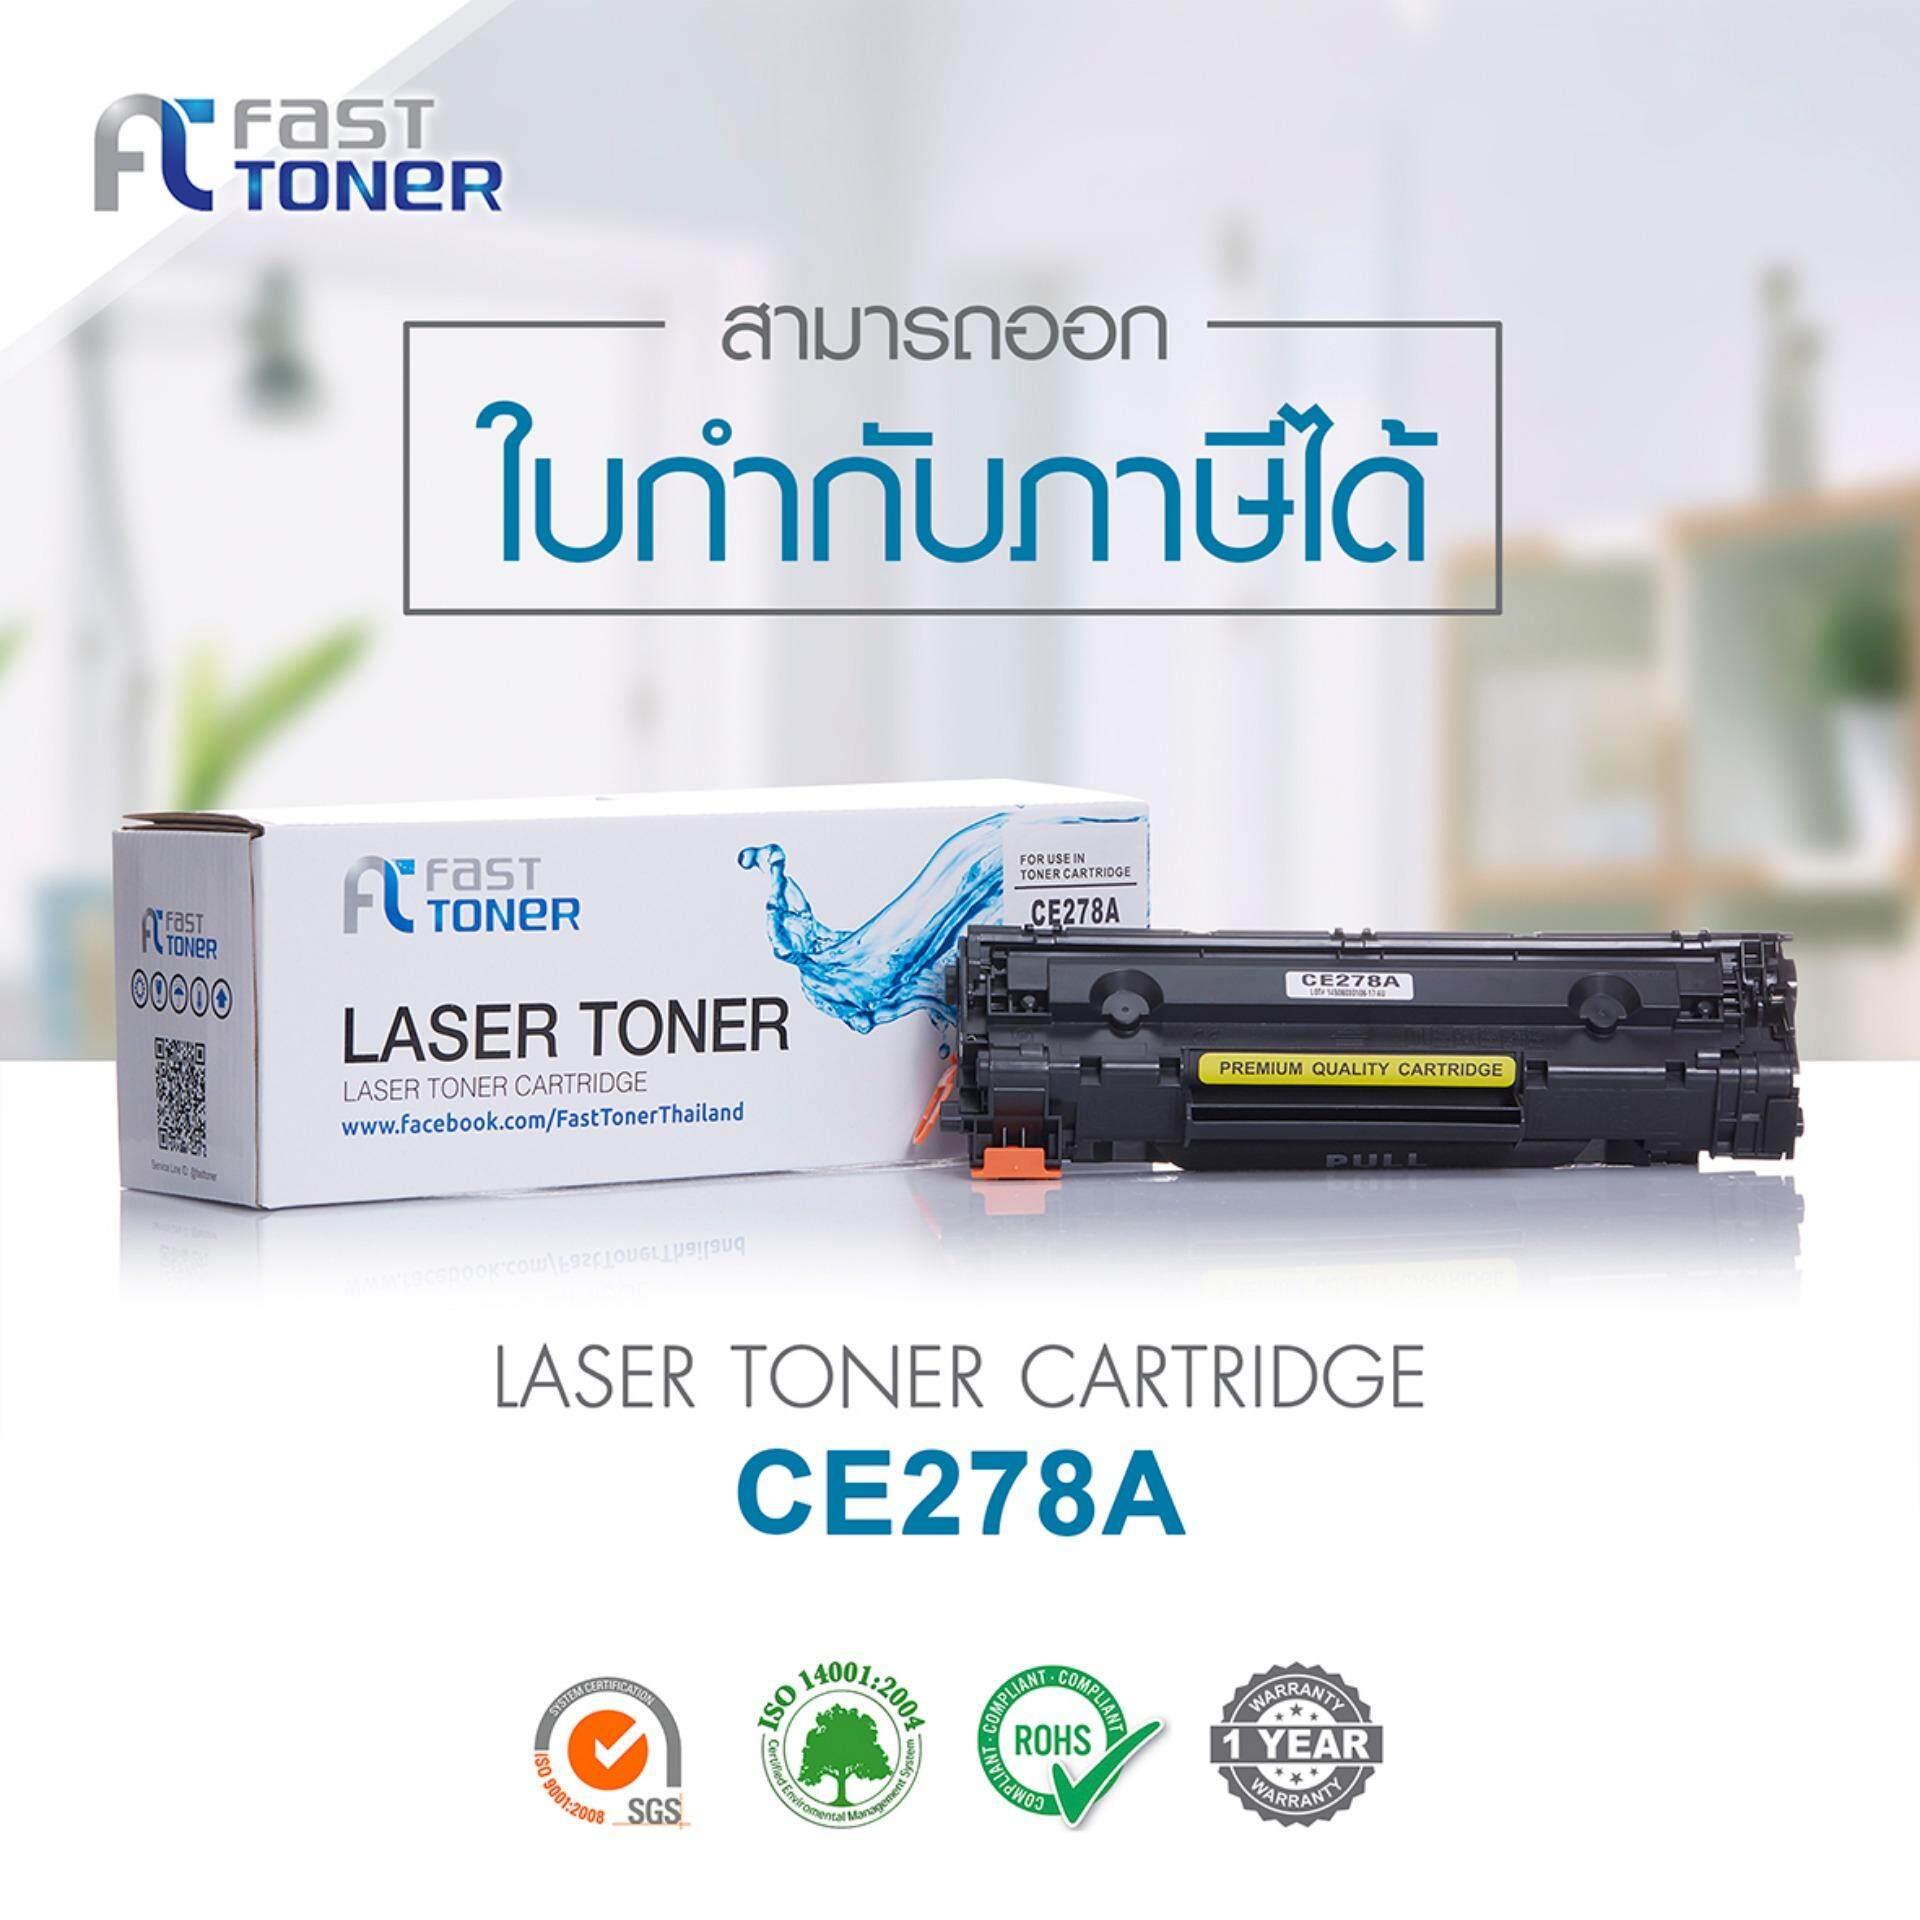 ซื้อ Fast Toner Cartridge Hp Ce278A 78A Black สำหรับ Hp Laserjet Pro P1560 P1566 P1600 P1606Dn M1536Dnf ถูก กรุงเทพมหานคร